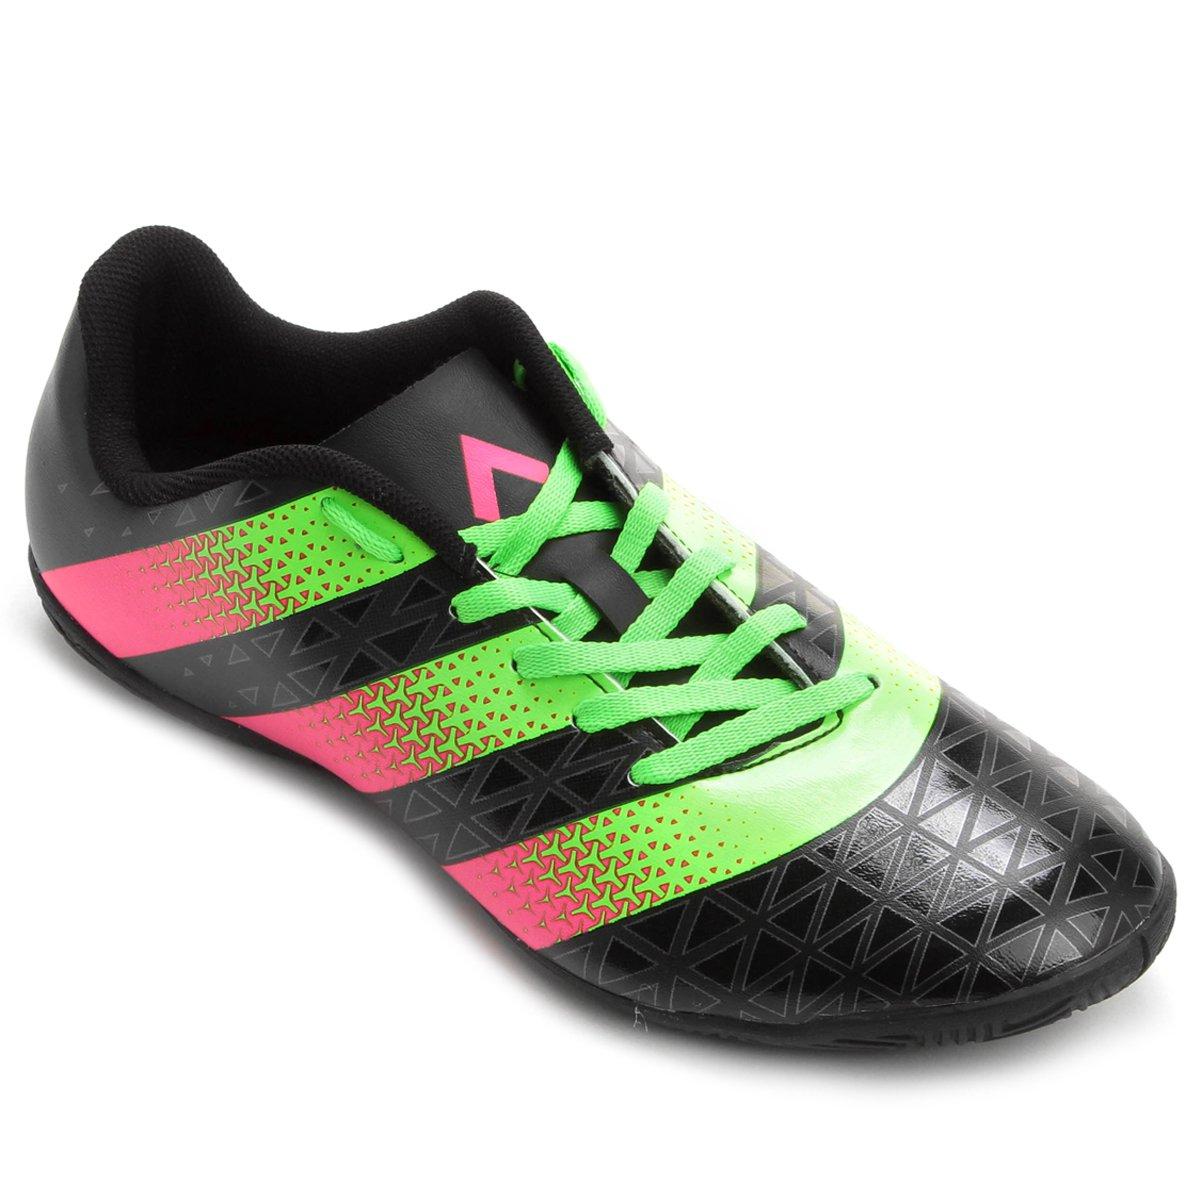 Chuteira Futsal Adidas Artilheira IN - Preto e Verde Claro - Compre ... a5361c4ae43e9